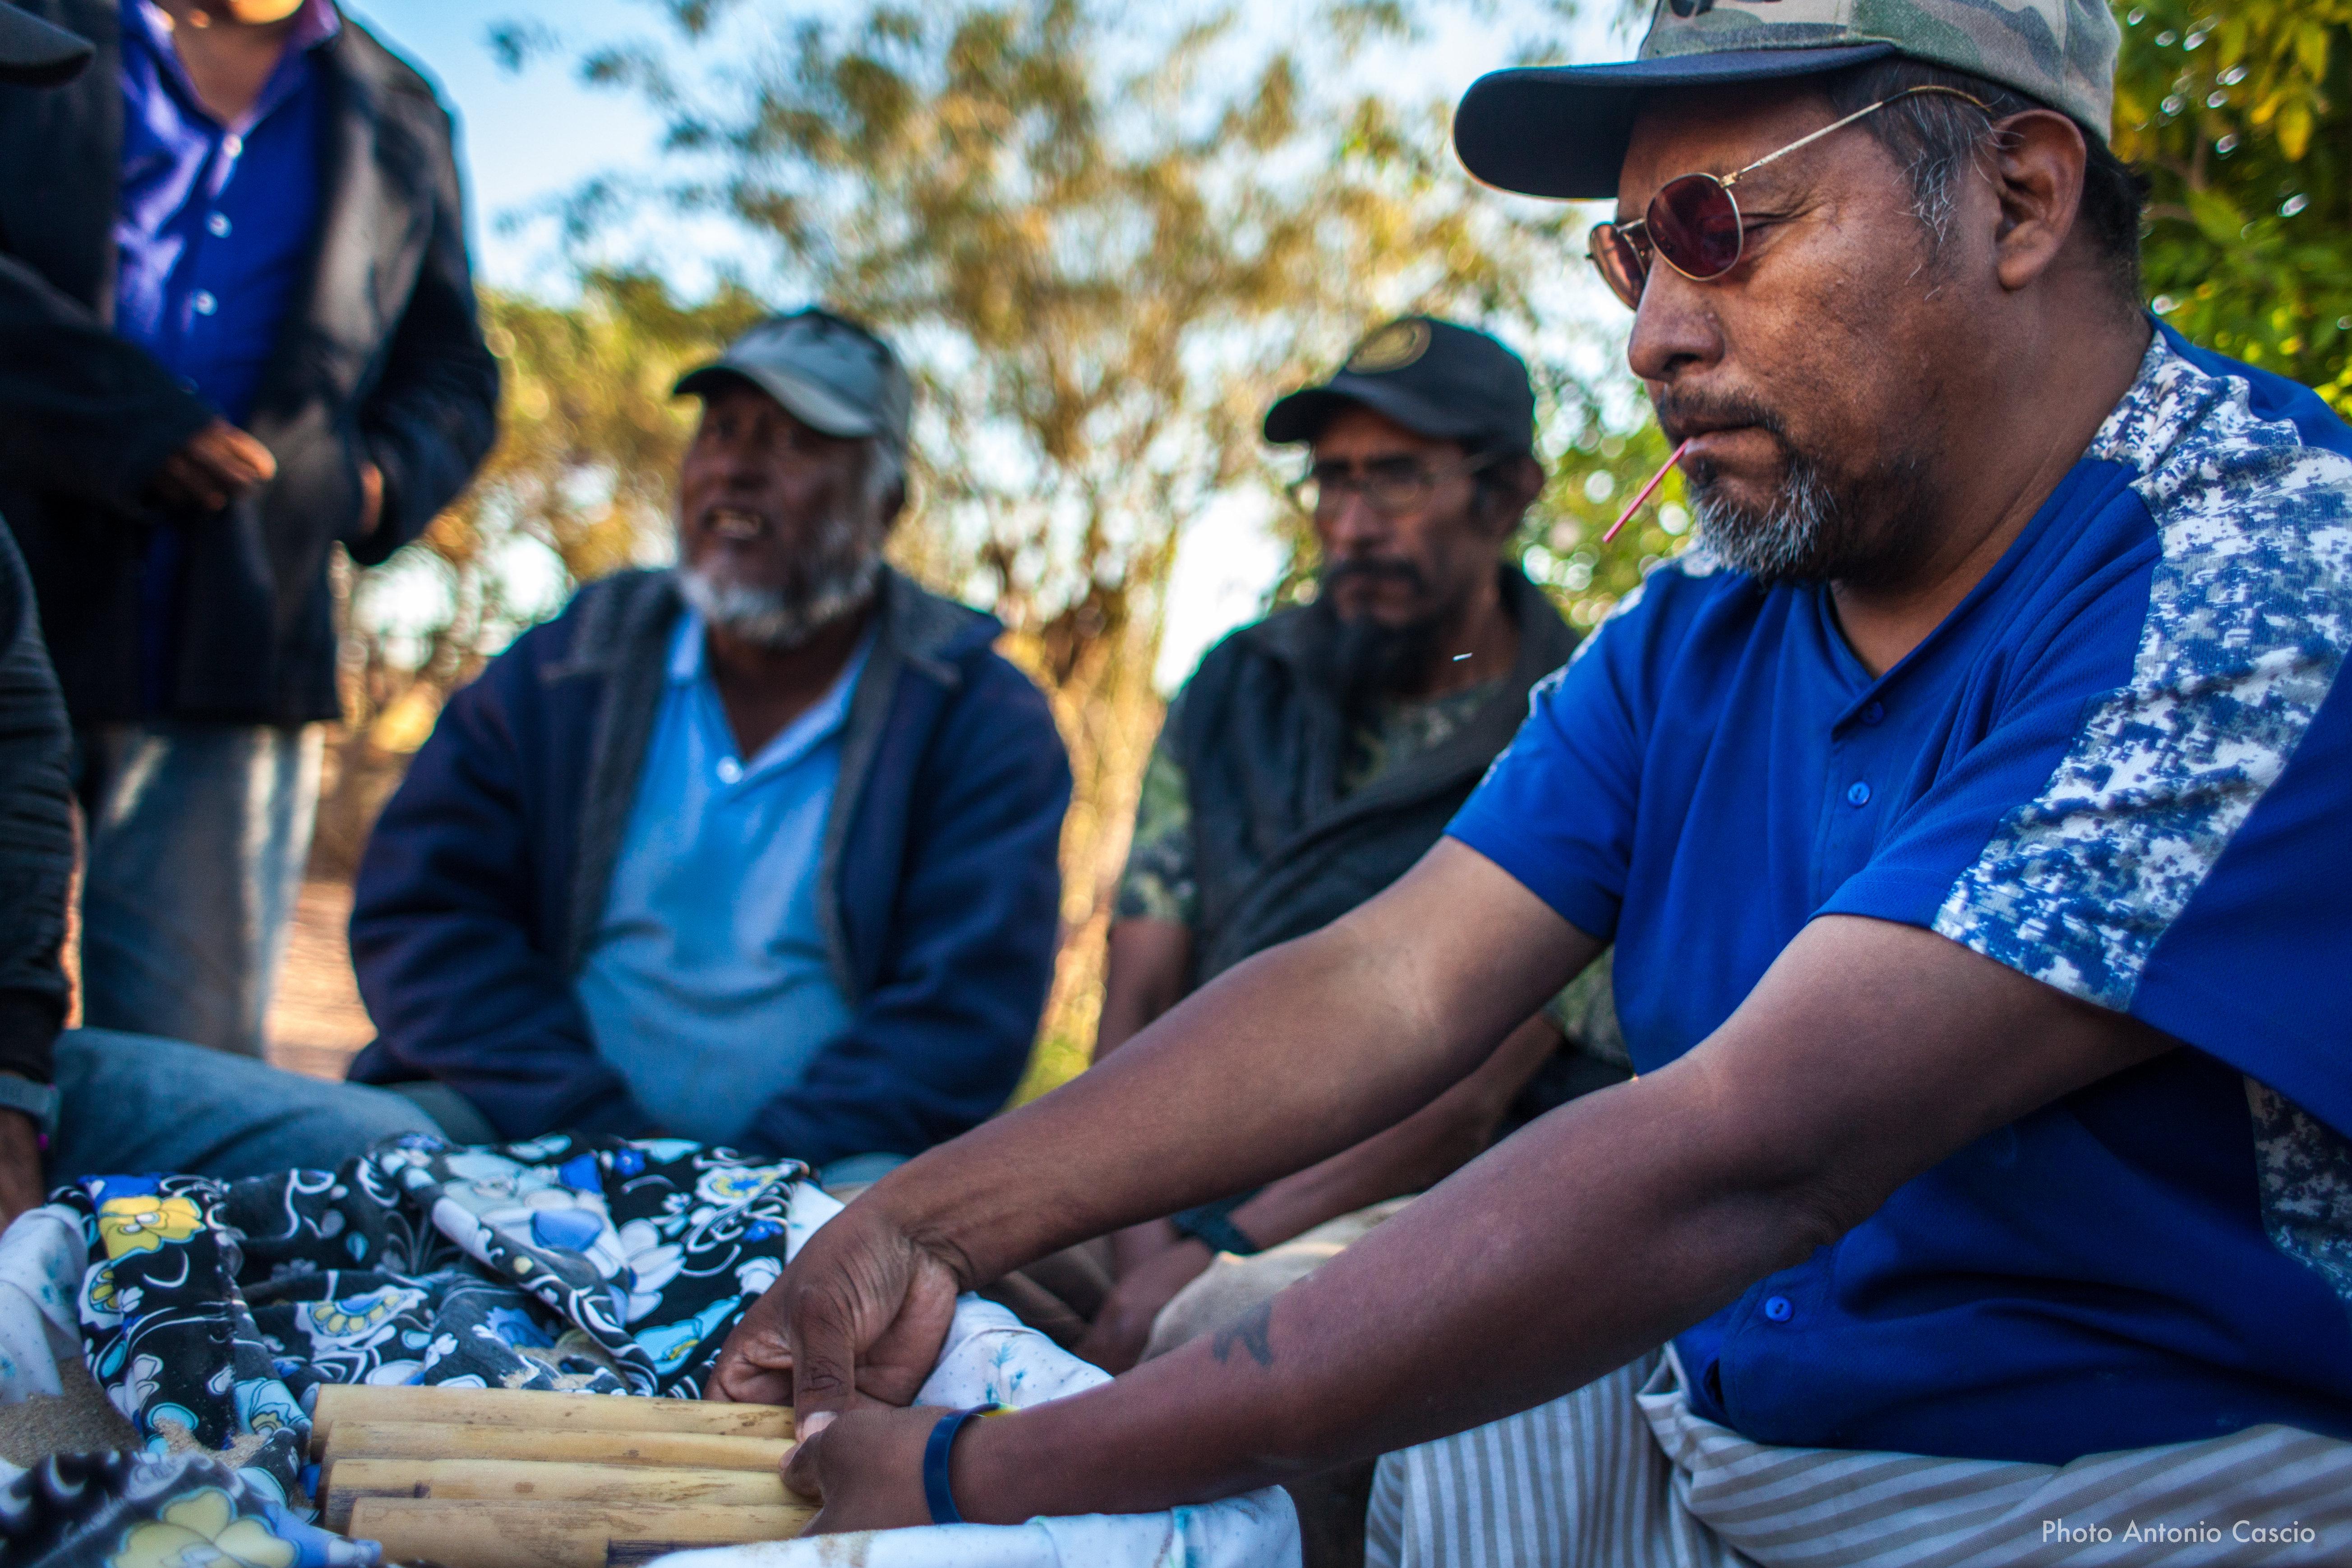 Grupo de Gruppo di uomini che partecipano a un gioco tradizionale durante le celebrazioni della festa della pubertà. Punta Chueca, Sonora, Mexico. 9/12/2019